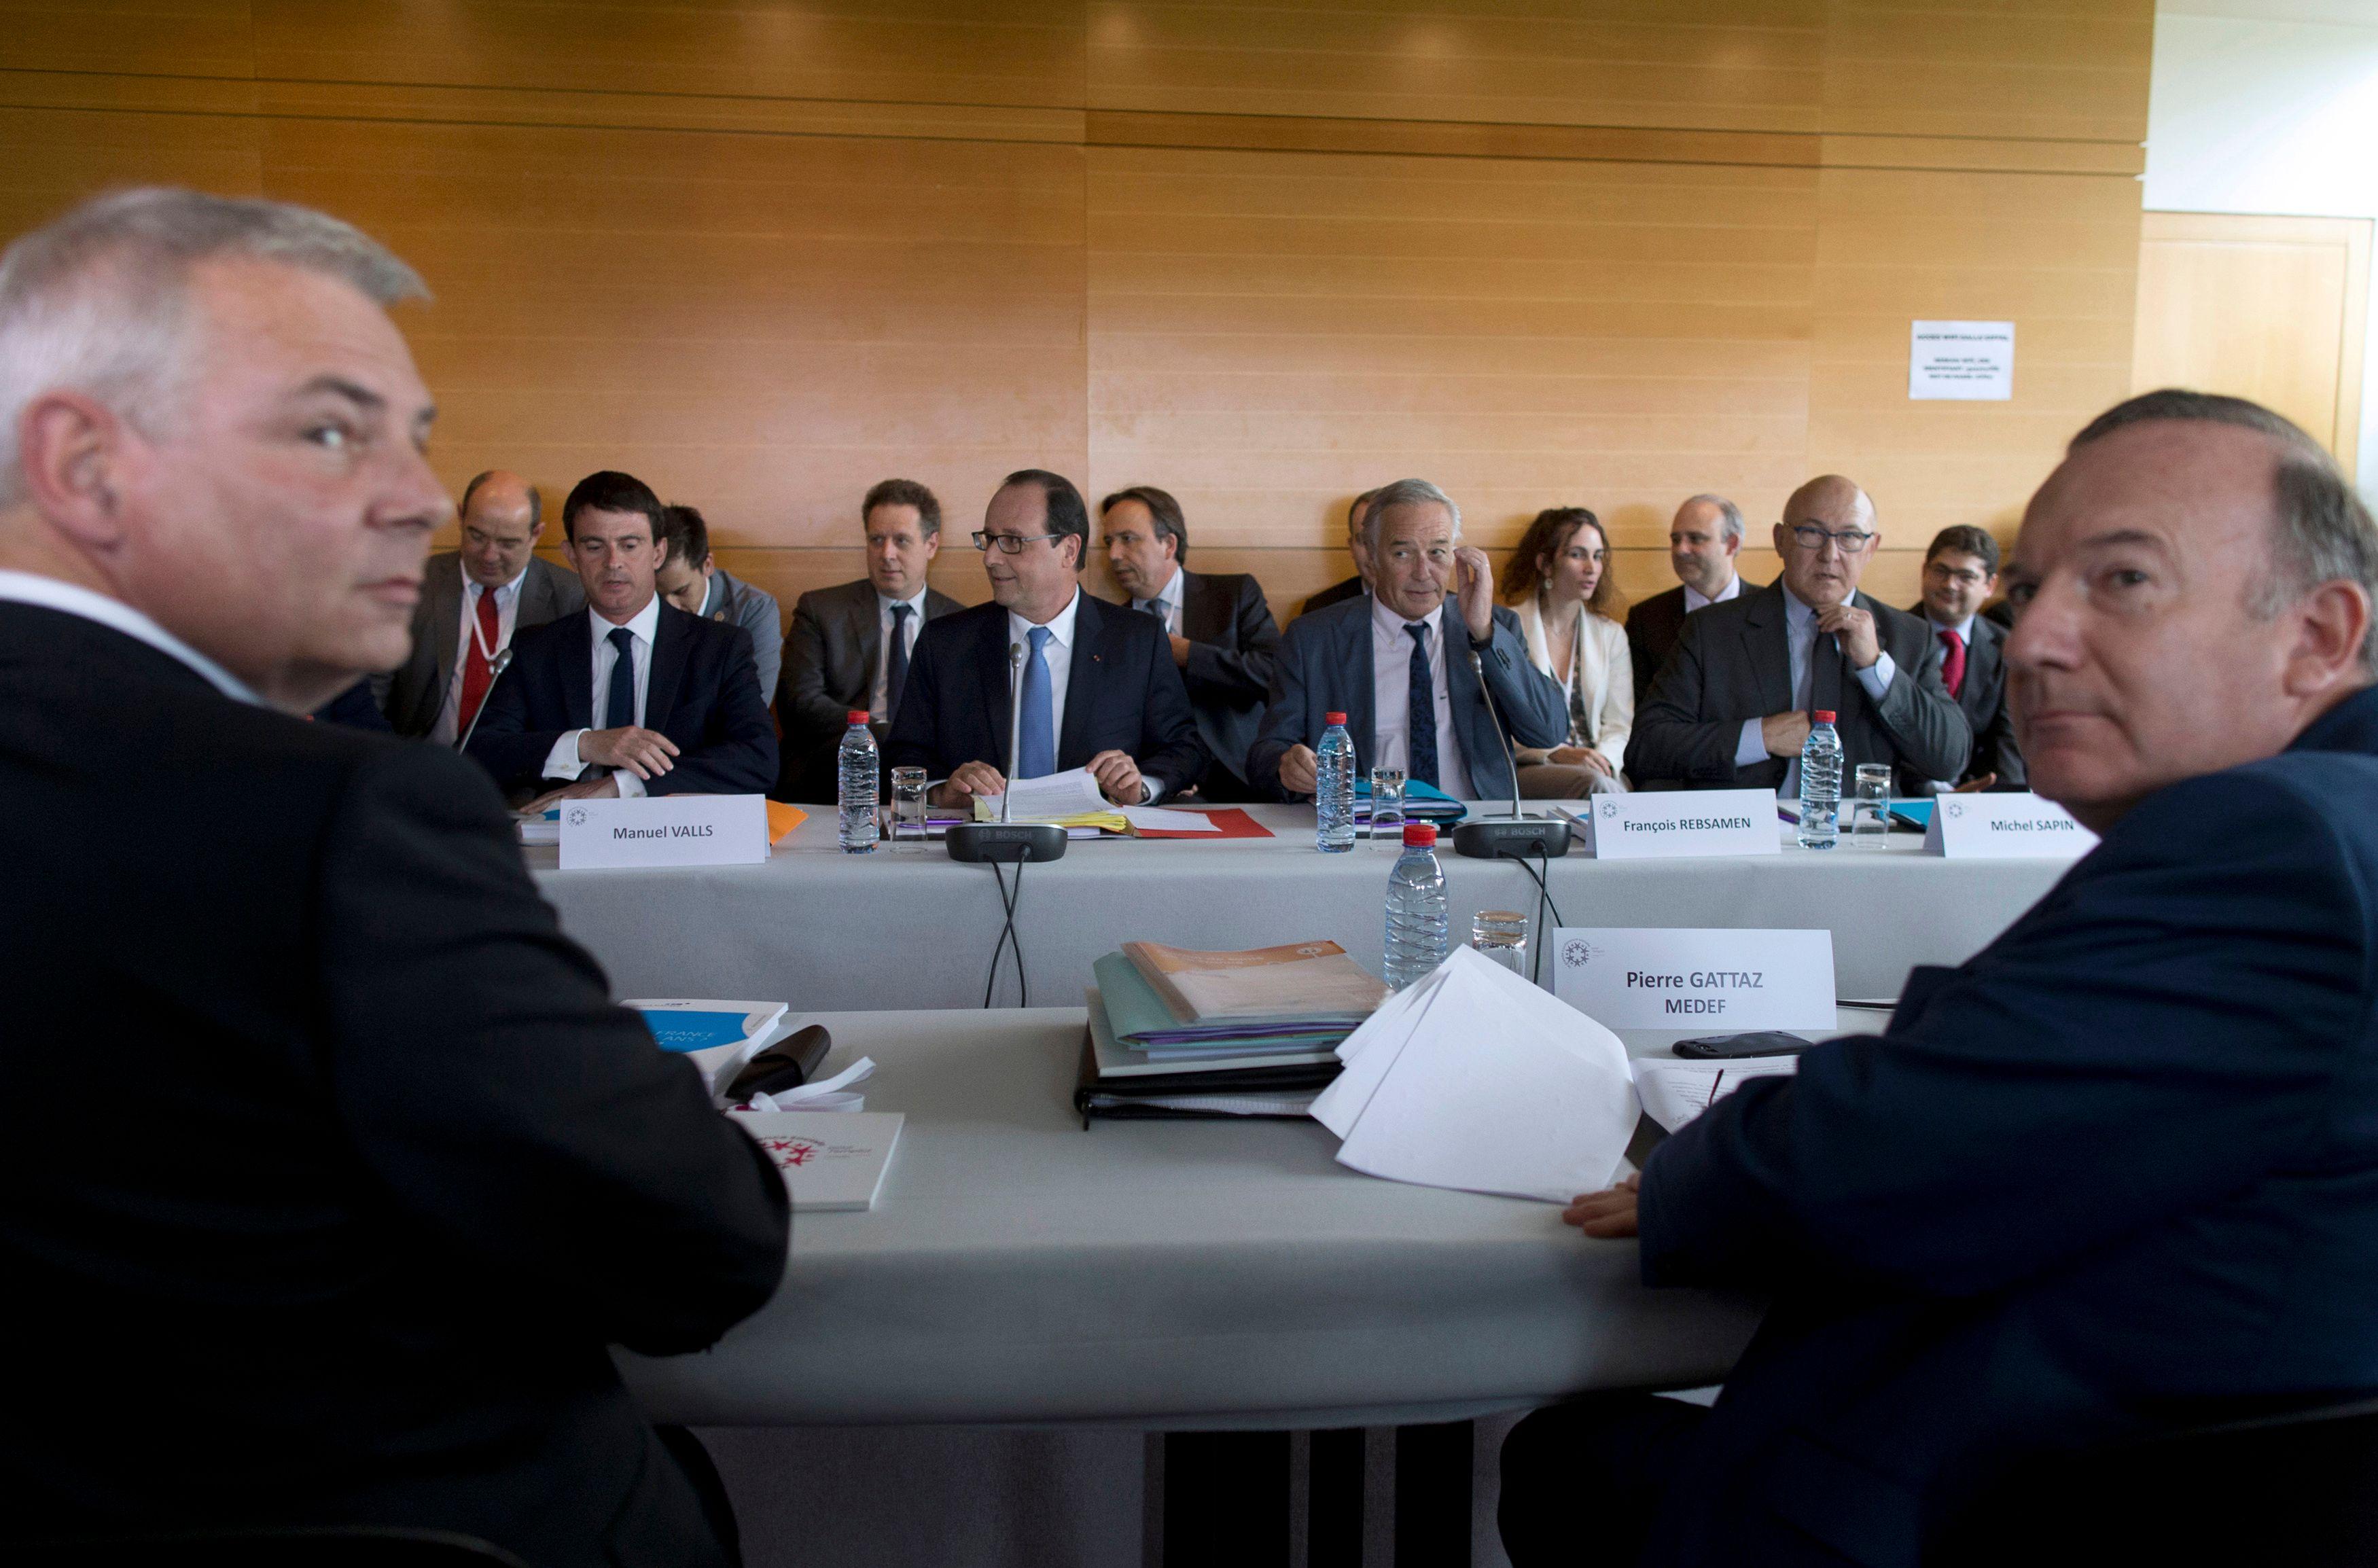 Pacte de responsabilité : la mesure phare du quinquennat Hollande fait pschiit